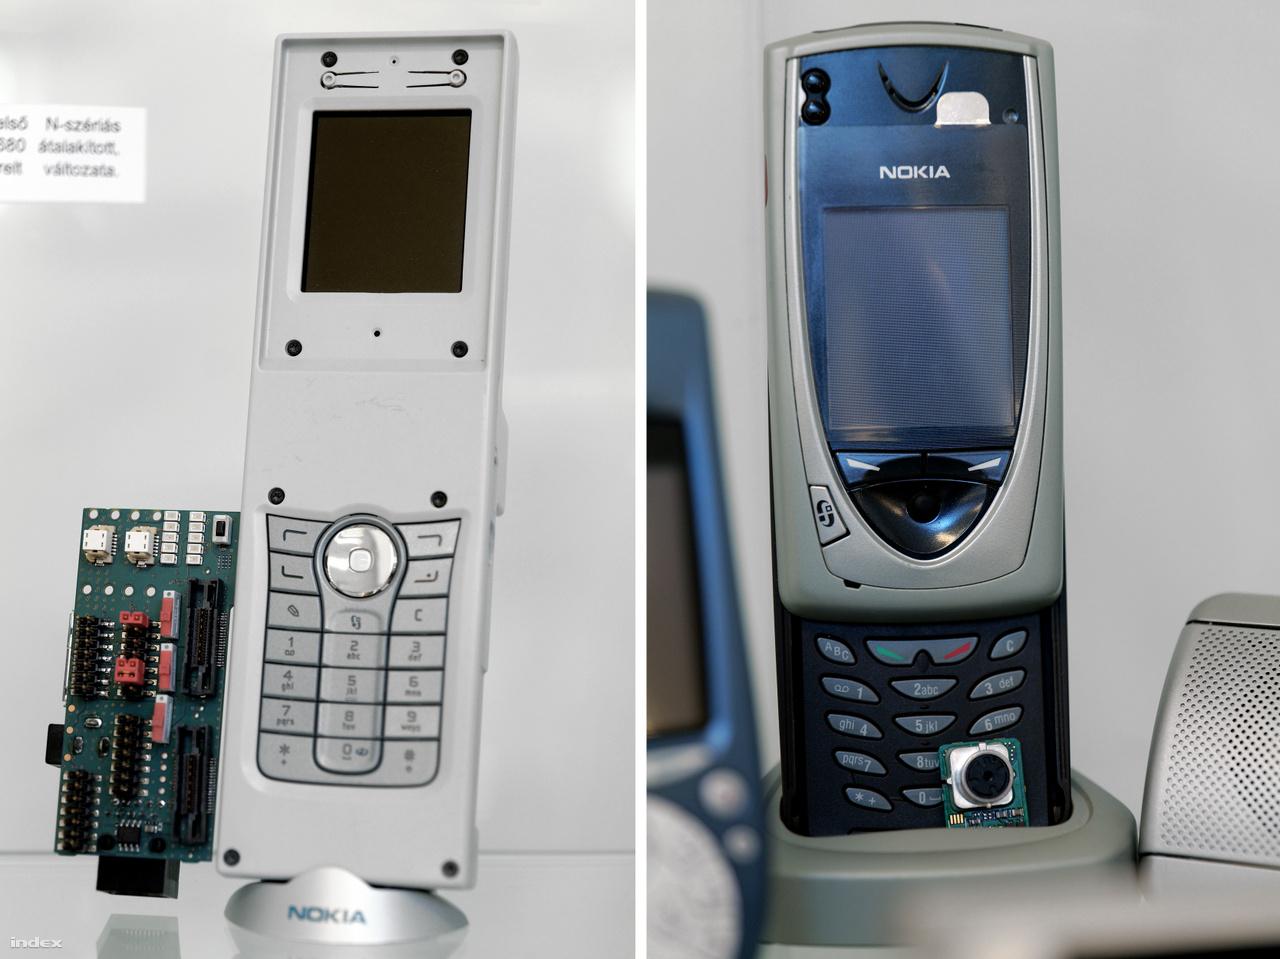 """Balra: Nokia N90 prototípus, a finn gyártó egyik első okostelefonjának fejlesztői változata 2005-ből. A festetlen műanyag burkolat funkciója mindössze annyi, hogy egyben tartsa a telefont, így sem SIM kártyát behelyezni, sem összecsukni nem lehet. Az oldalán kilógó áramköri lapon a                         programozáshoz szükséges csatlakozók találhatók. A készülék a kiállítás társrendezője,                         Csernák Márton magángyűjteményéből származik. Jobbra a 2002-es Nokia 7650, az első színes Nokia telefonok egyike. Ez már 6.1-es Symbian operációs rendszerrel működött, volt beépített kamerája és a menüben joystickkel lehetett lépkedni. """"Nekünk csak Zutyufon. Az Index legendás tényfeltáró riporterének, Bogád Zoltánnak ilyen telefonja volt sokáig – rengeteg mobilos fotót és tudósítást köszönhettünk Zutyunak és akkor bámulatosan hipermodern hatást keltő telefonjának"""" – Nagy Attila Károly.)"""